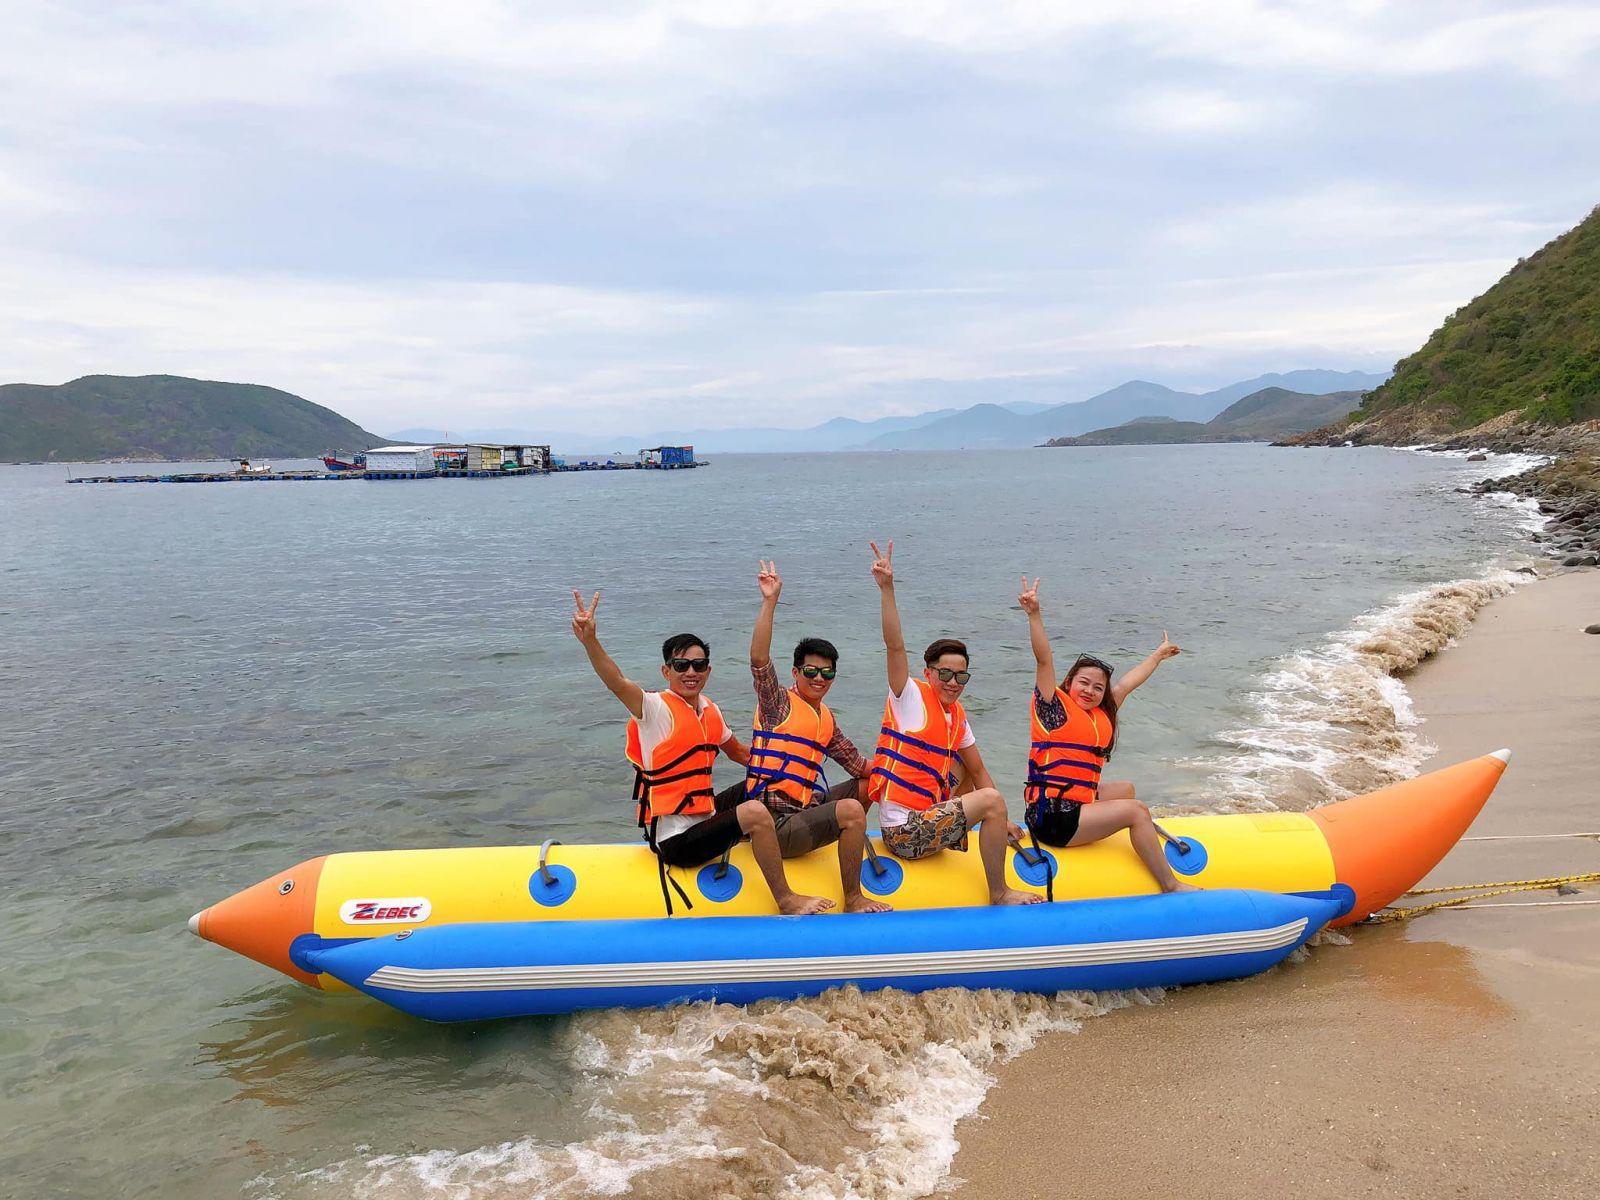 Du lịch Nha Trang dịp hè chỉ 370k đồng 2